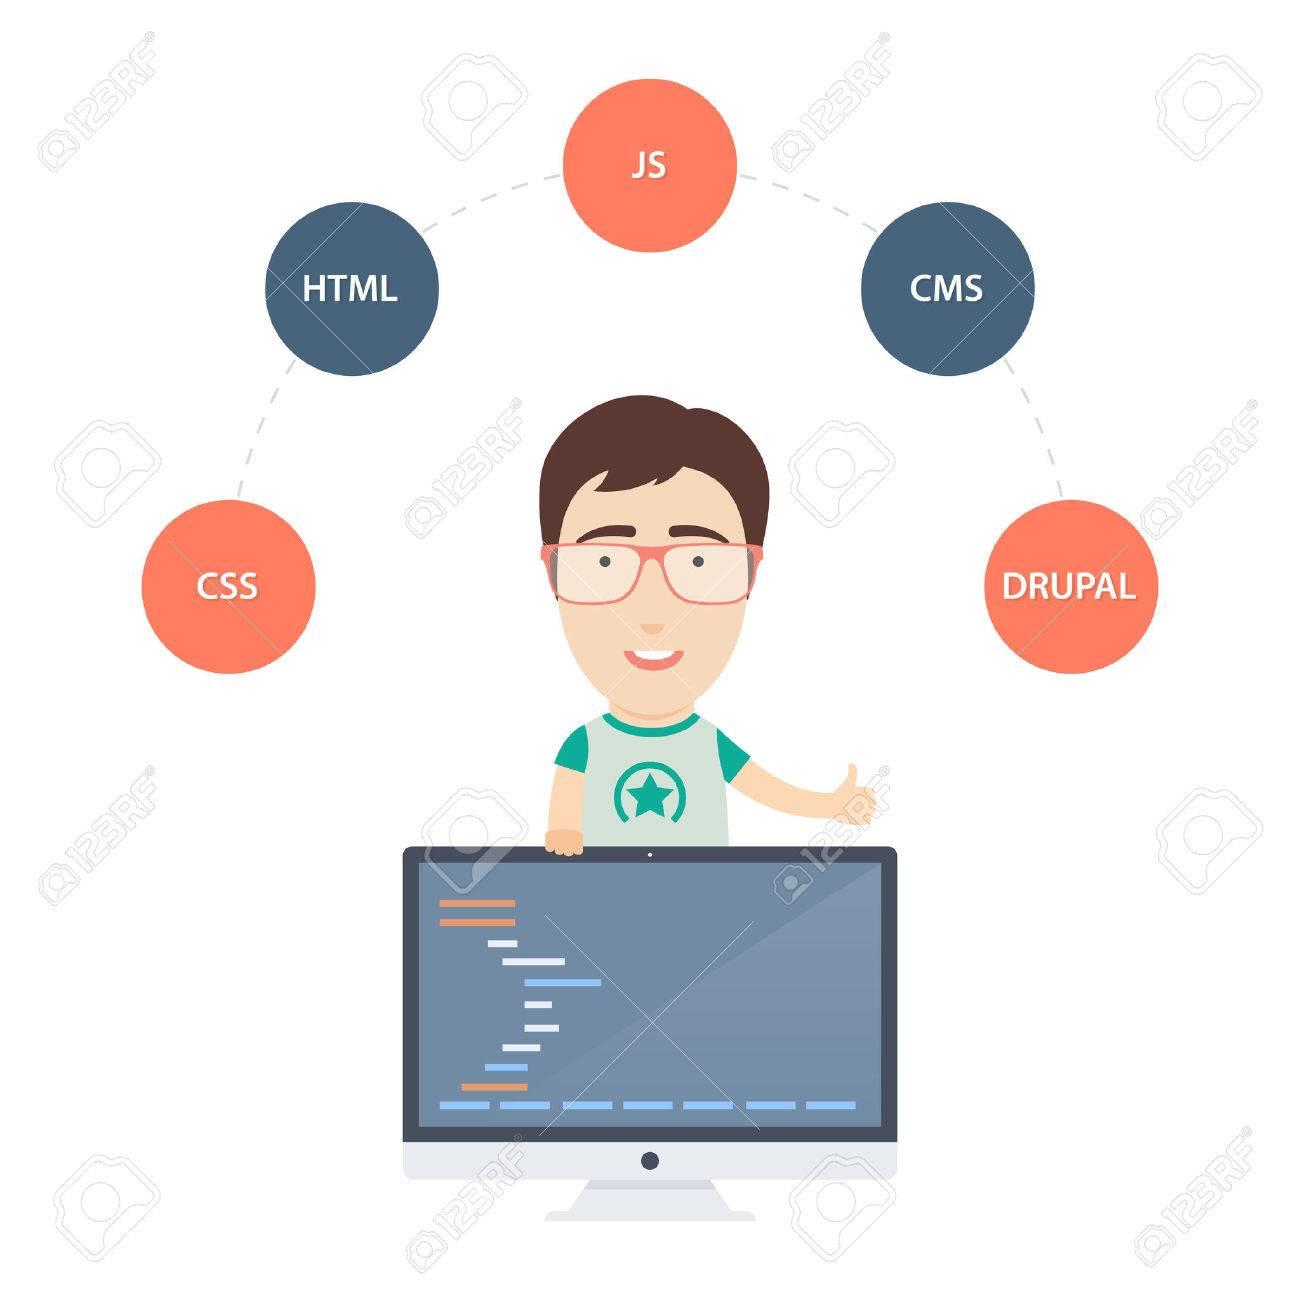 かわいい男性プログラマーやモニターで web 開発者のベクトル フラット